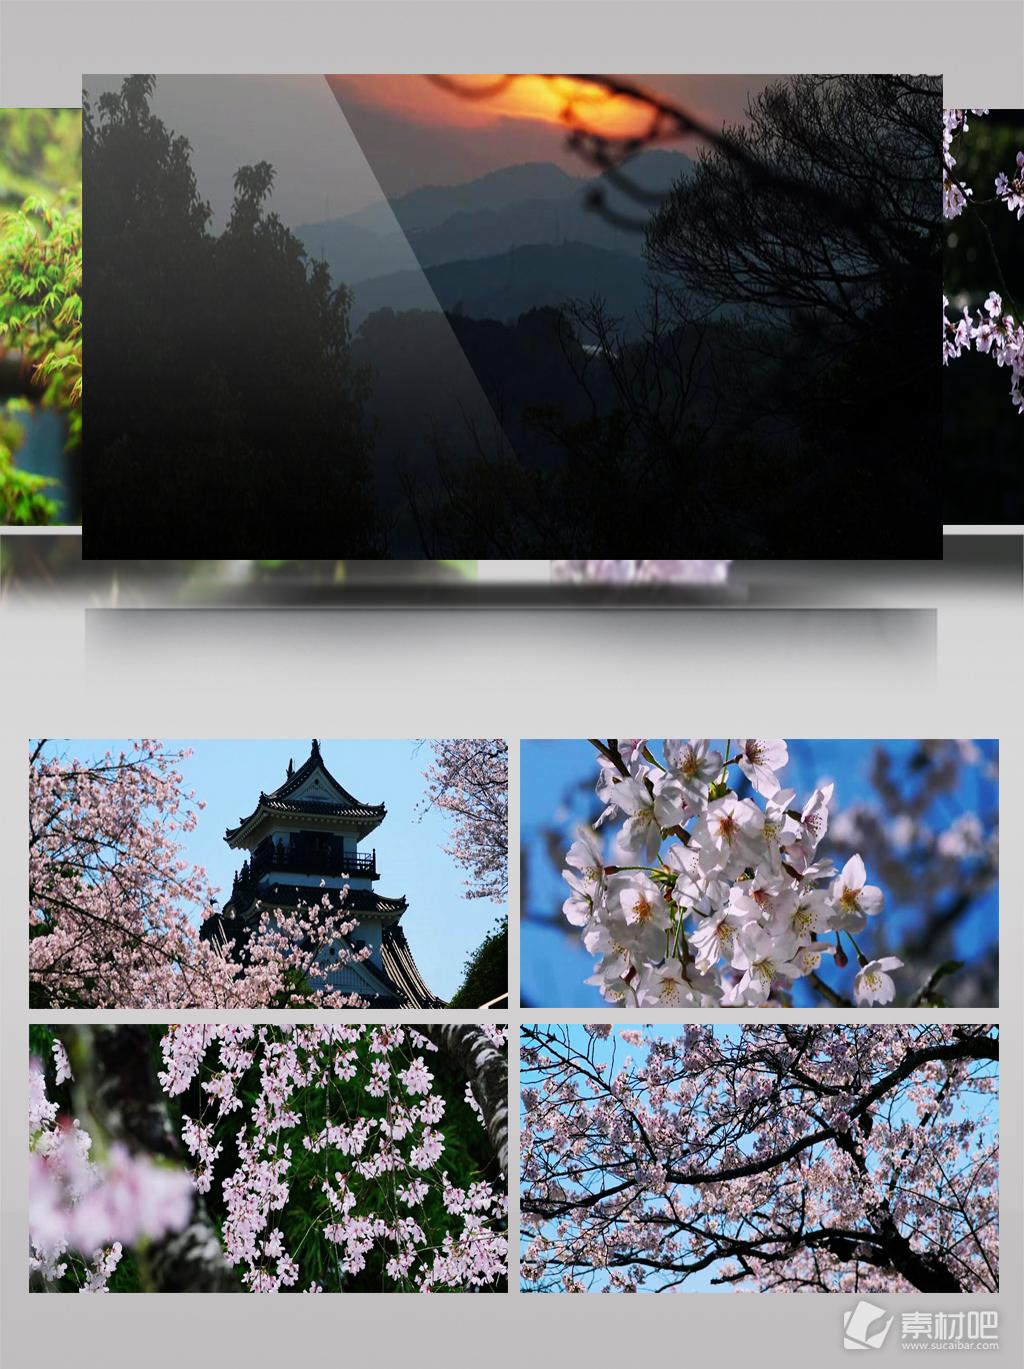 4k实拍日本唯美樱花自然风景超清bwin必赢亚洲